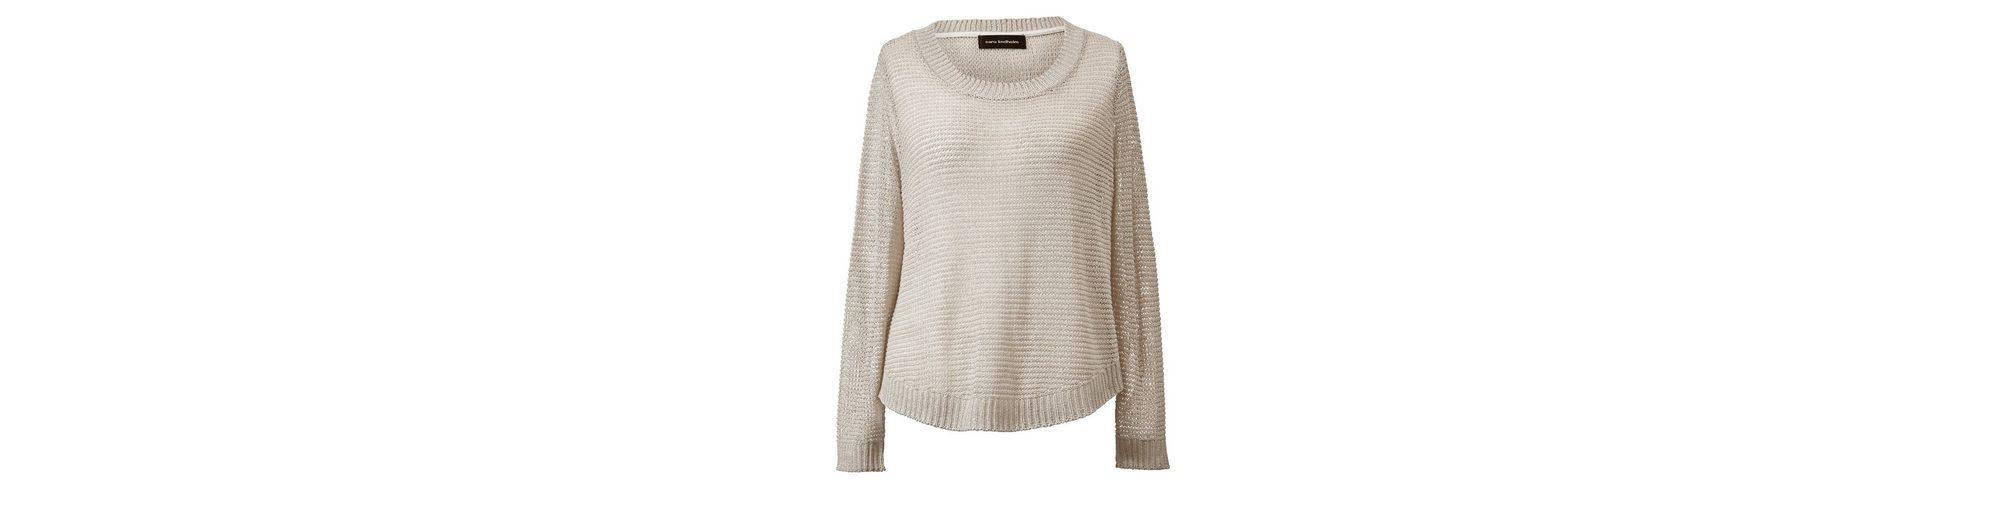 Sara Lindholm by Happy Size Pullover Günstig Kaufen Neue Stile Günstiger Online-Shop Modestil yAdlJmTN